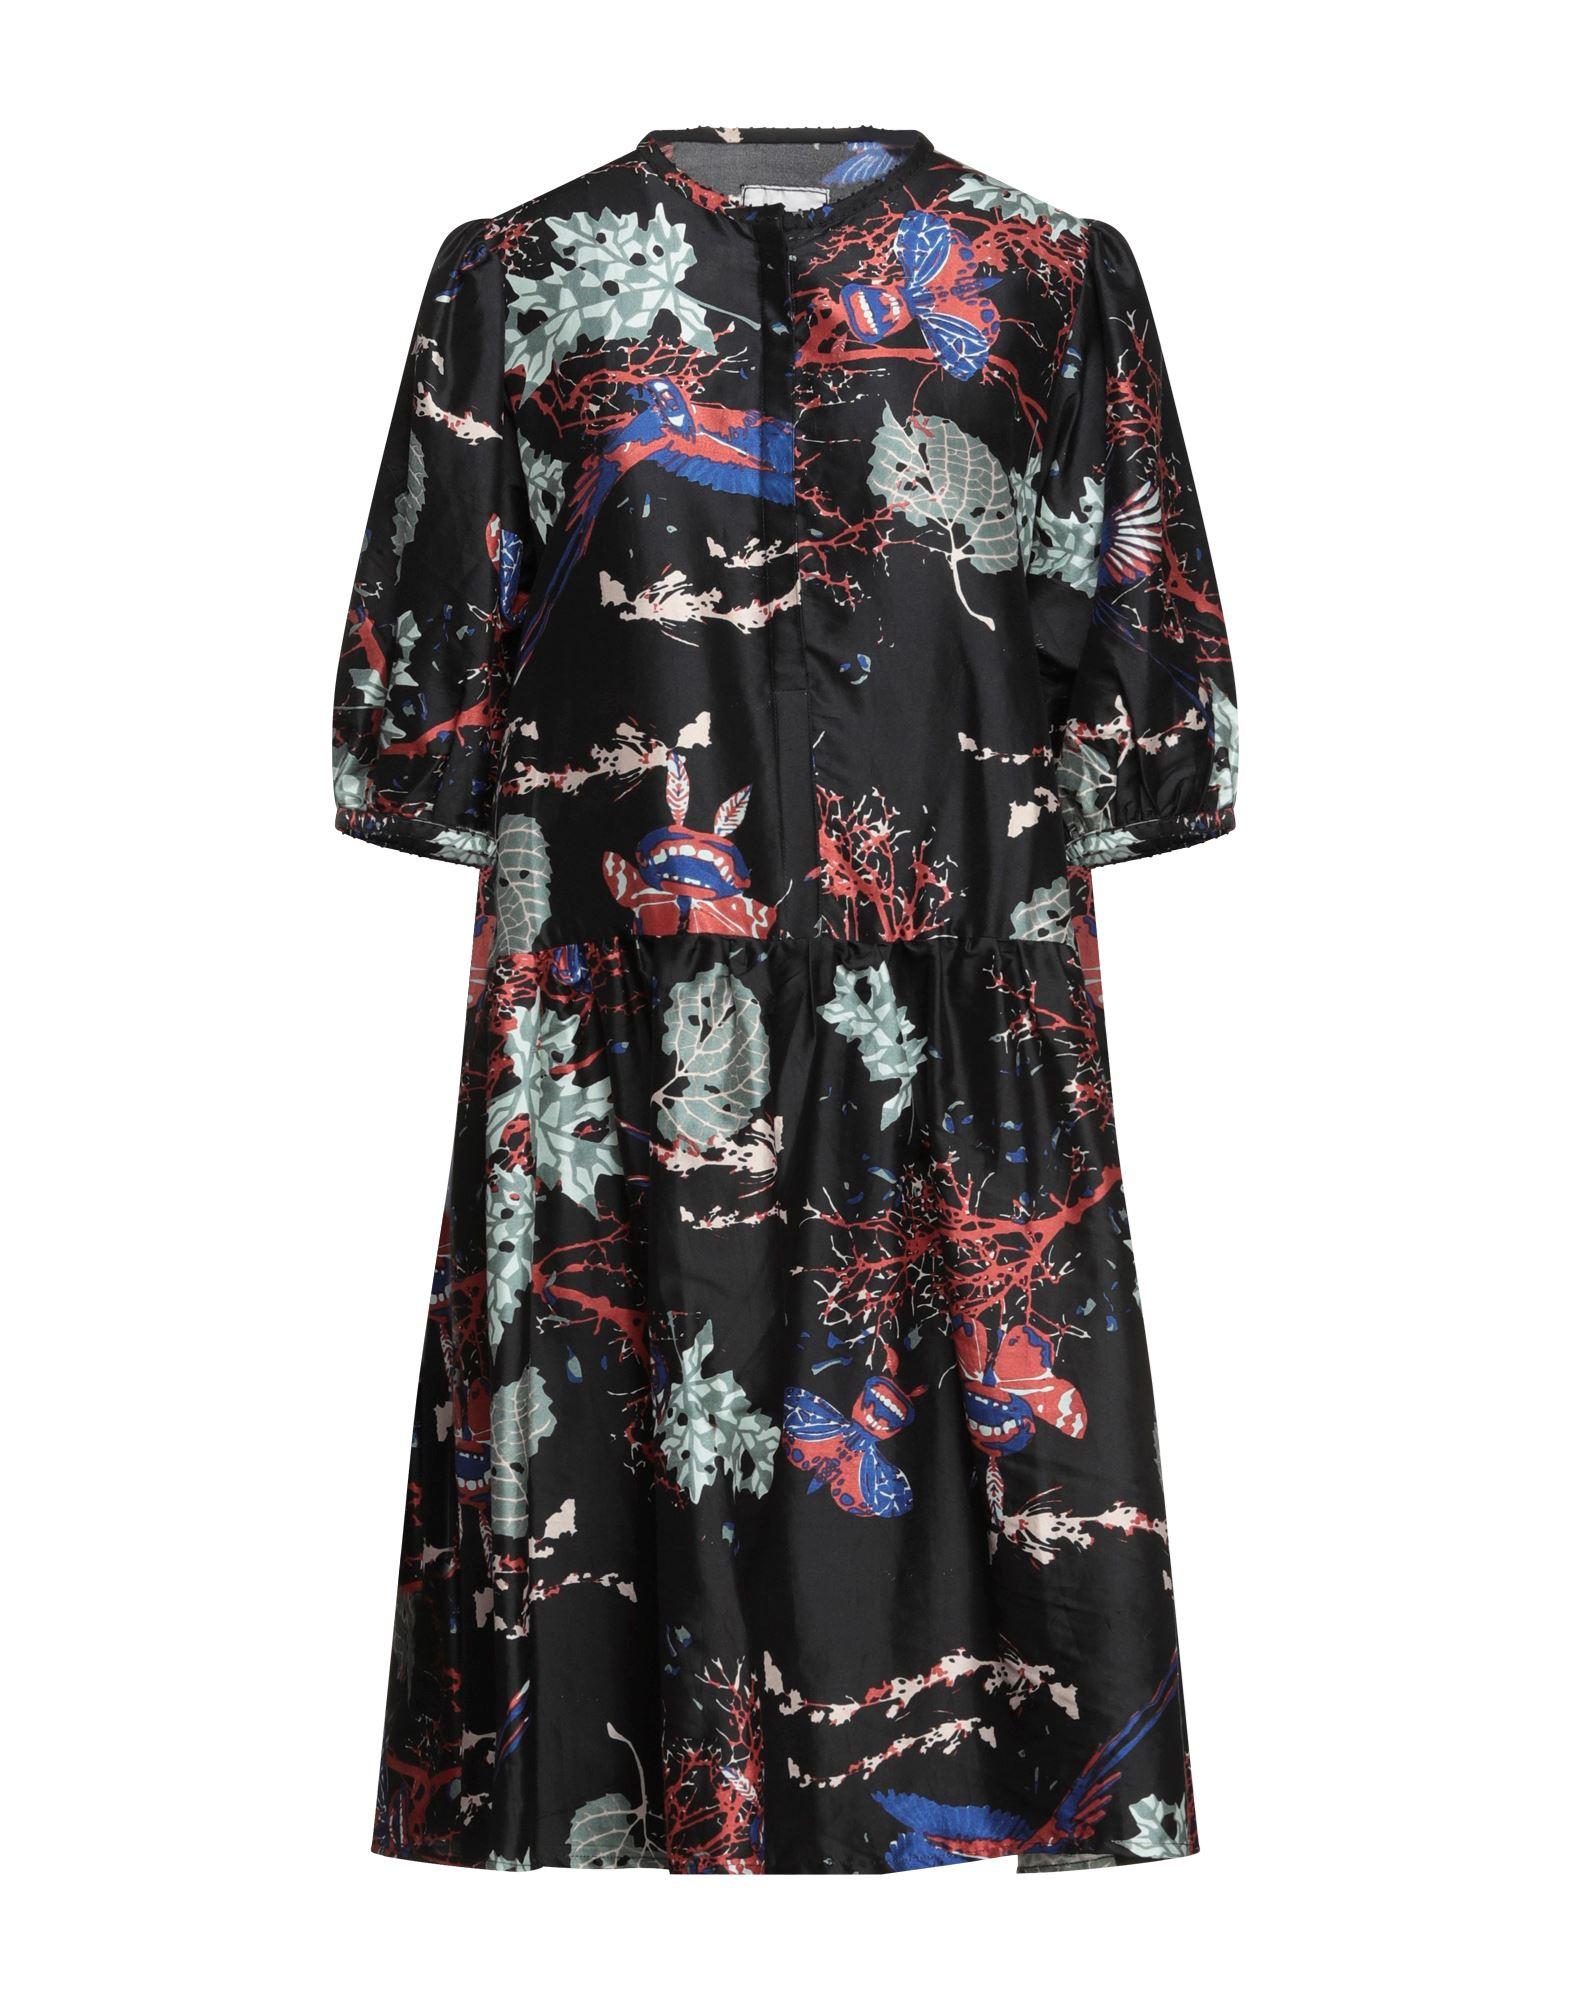 AN AN LONDREE Платье миди